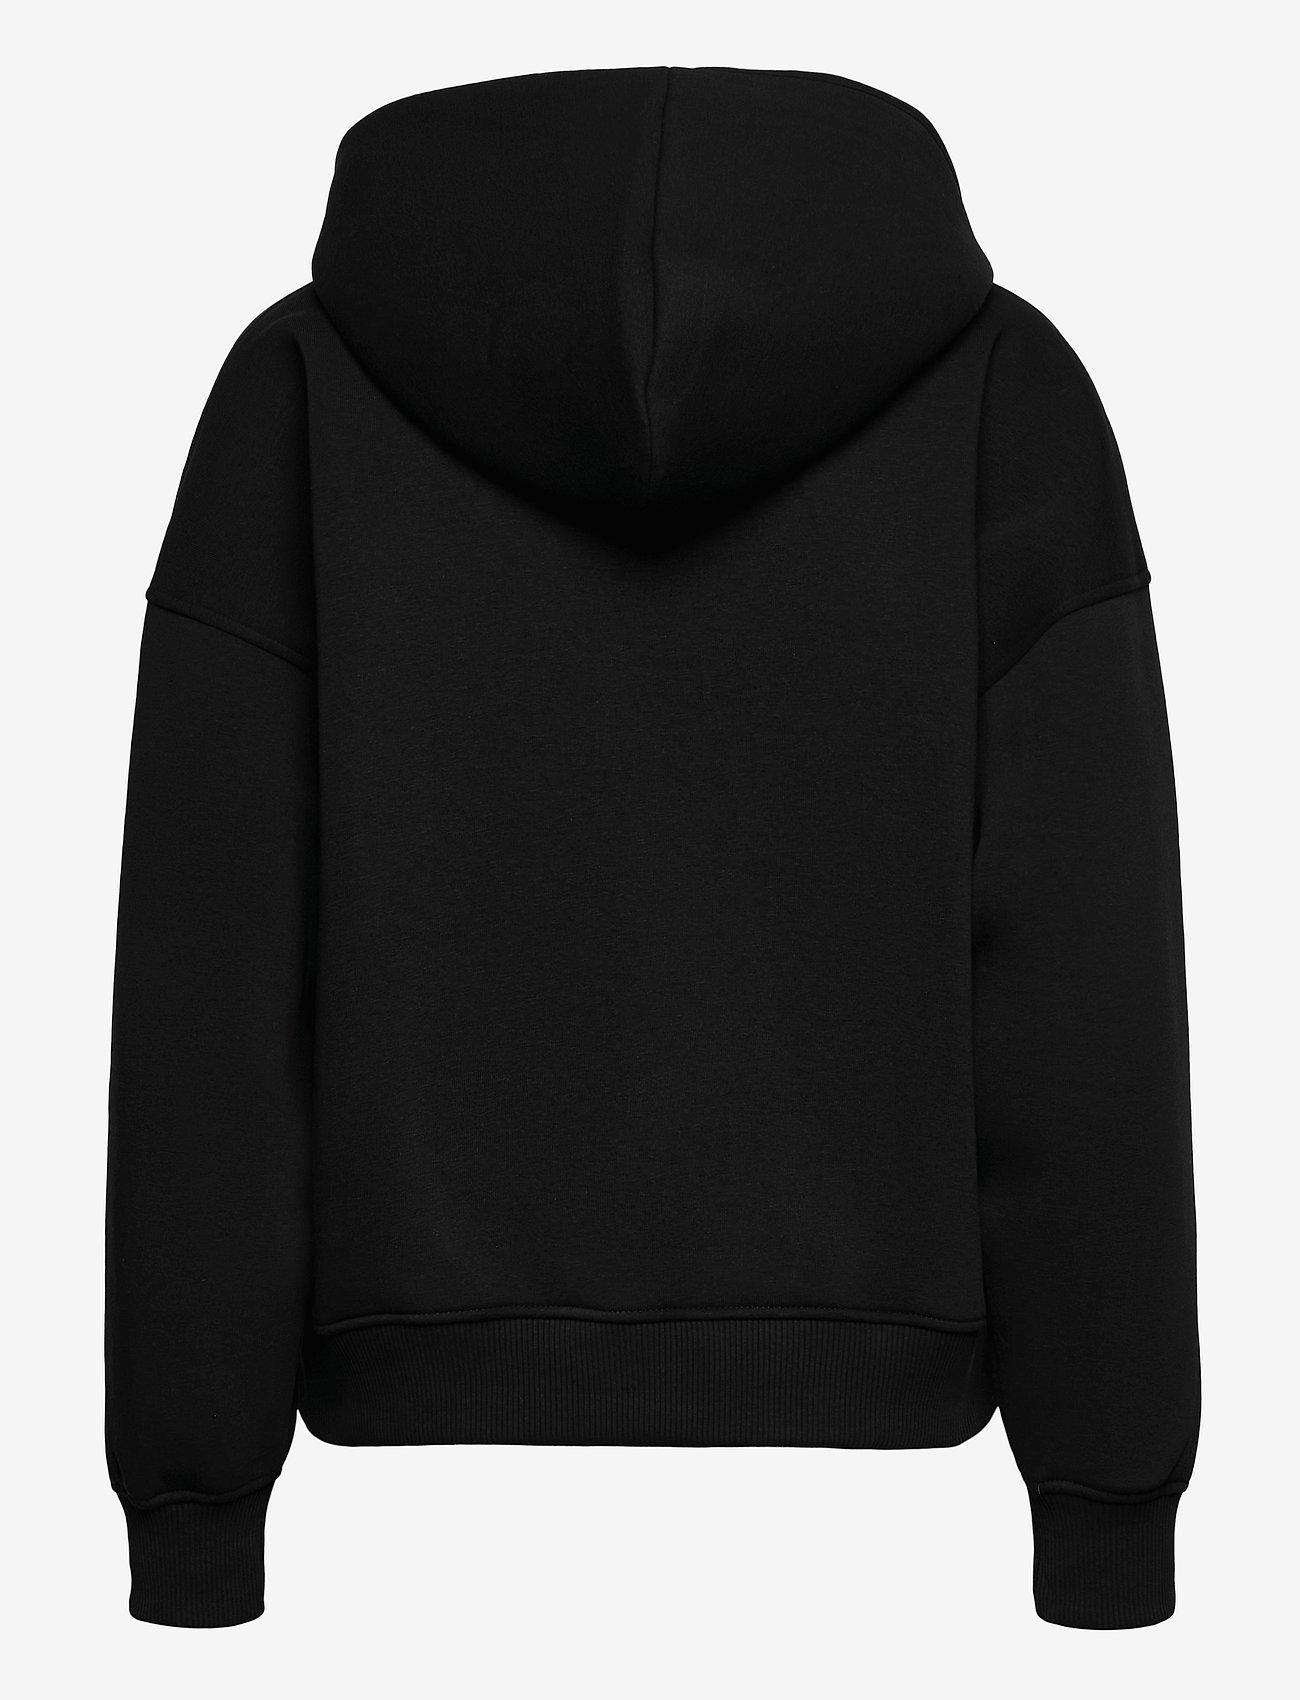 Gestuz - RubiGZ hoodie NOOS - sweatshirts & hættetrøjer - black - 2